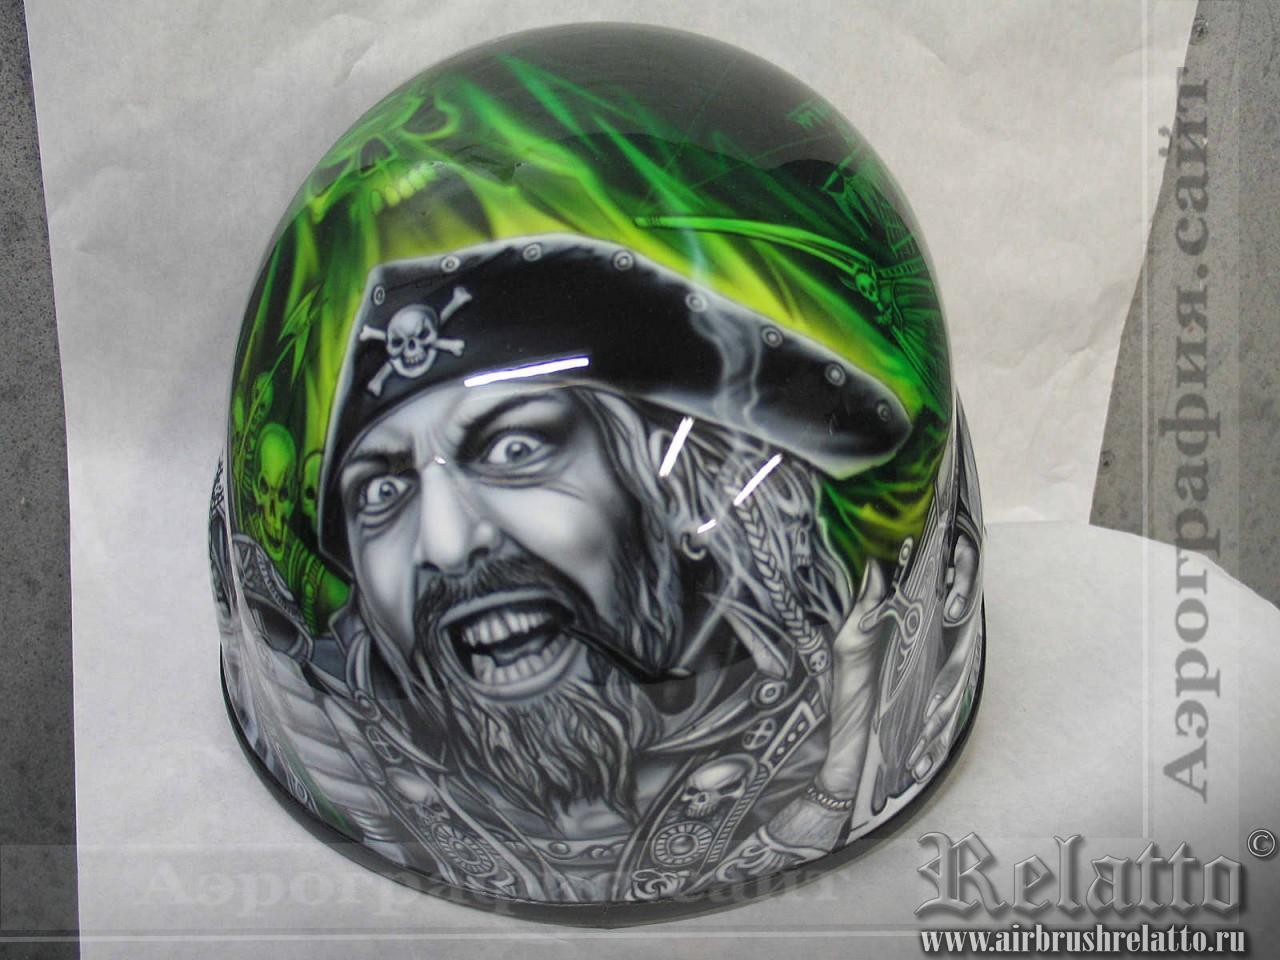 рисунок на шлем аэрография